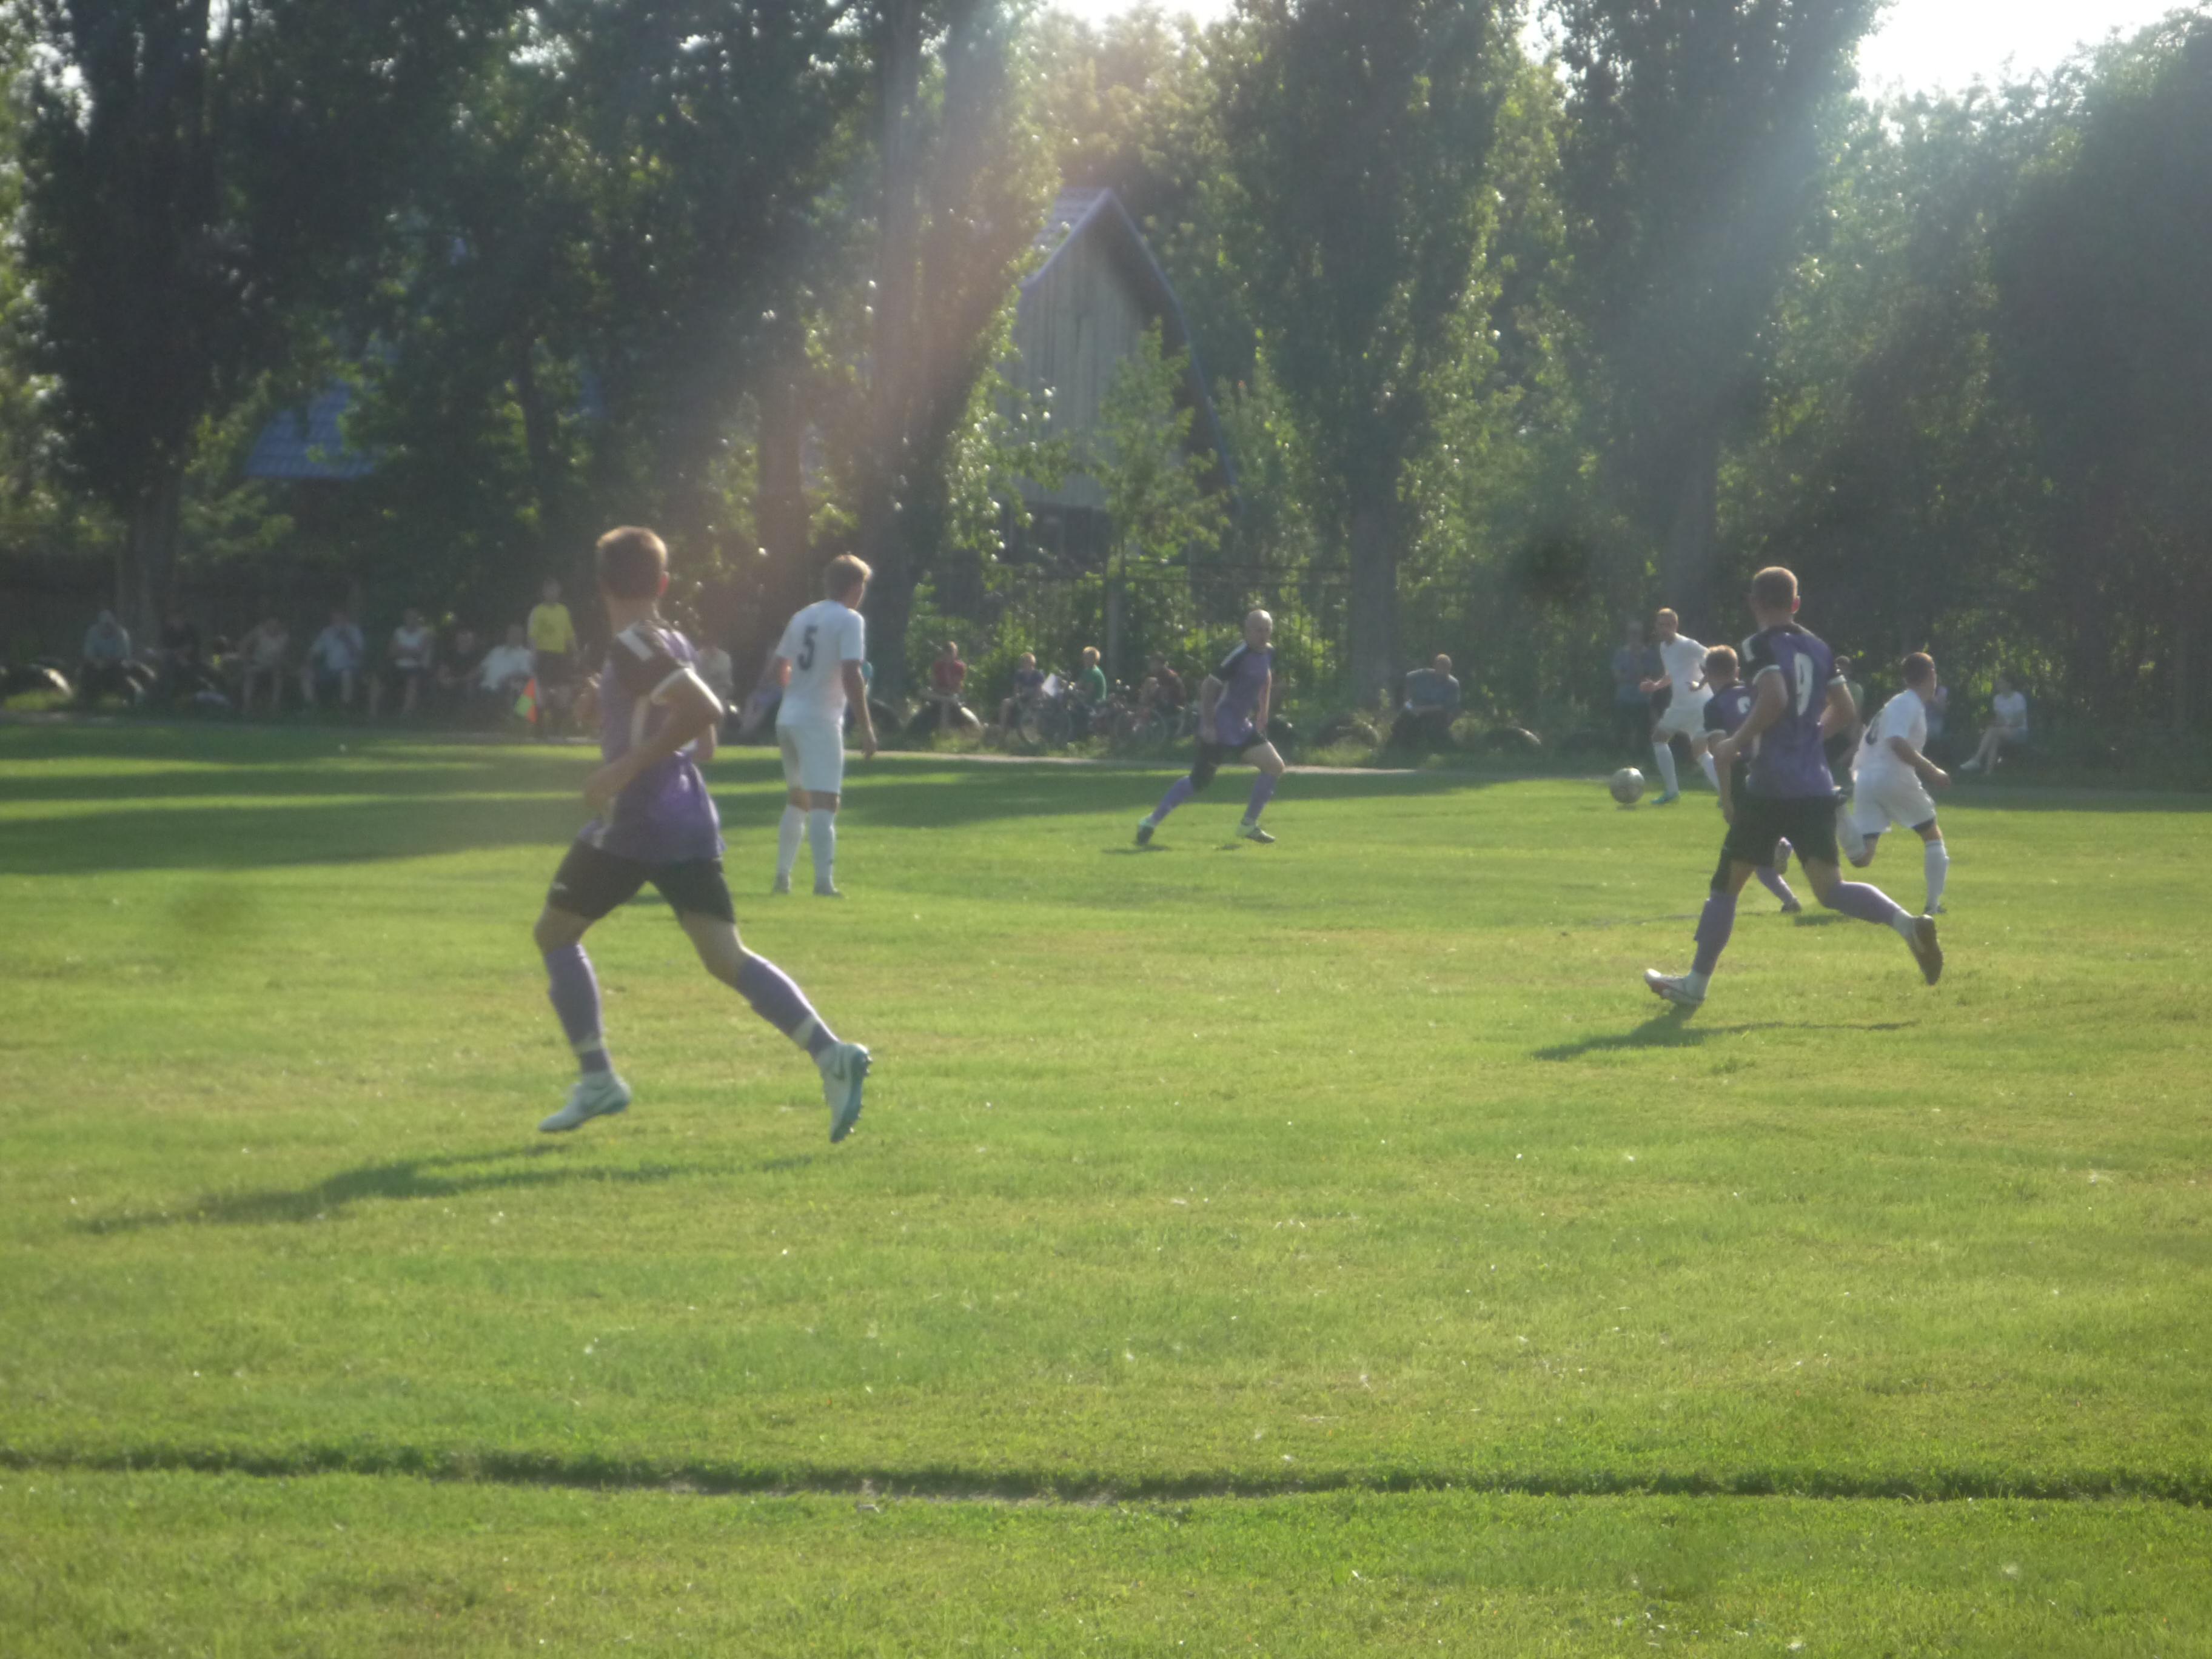 Изображение из альбома Футбол. Чемпионат области. Седьмой тур 28.07.2018.